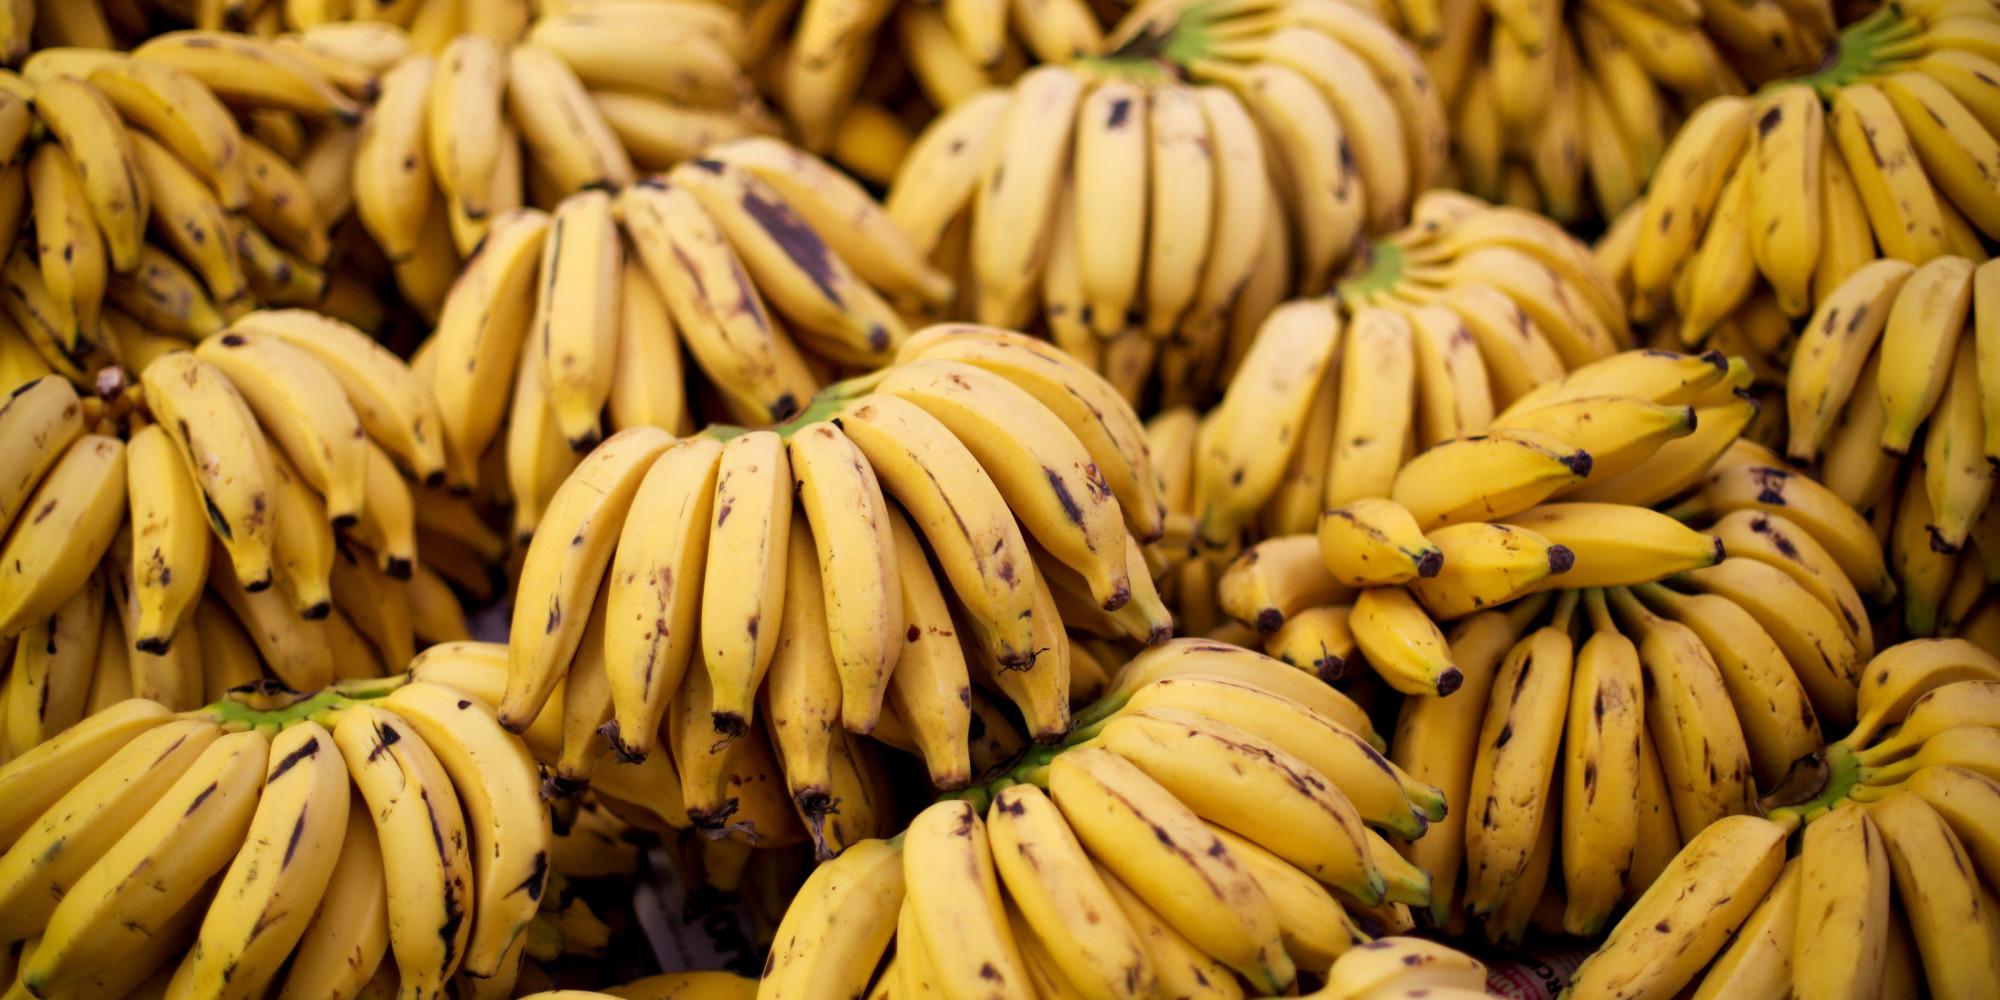 zelene nezrele banane imaju veliku nutritivnu vrednost one sadrze vitamin b6 vitamin c kao i 6